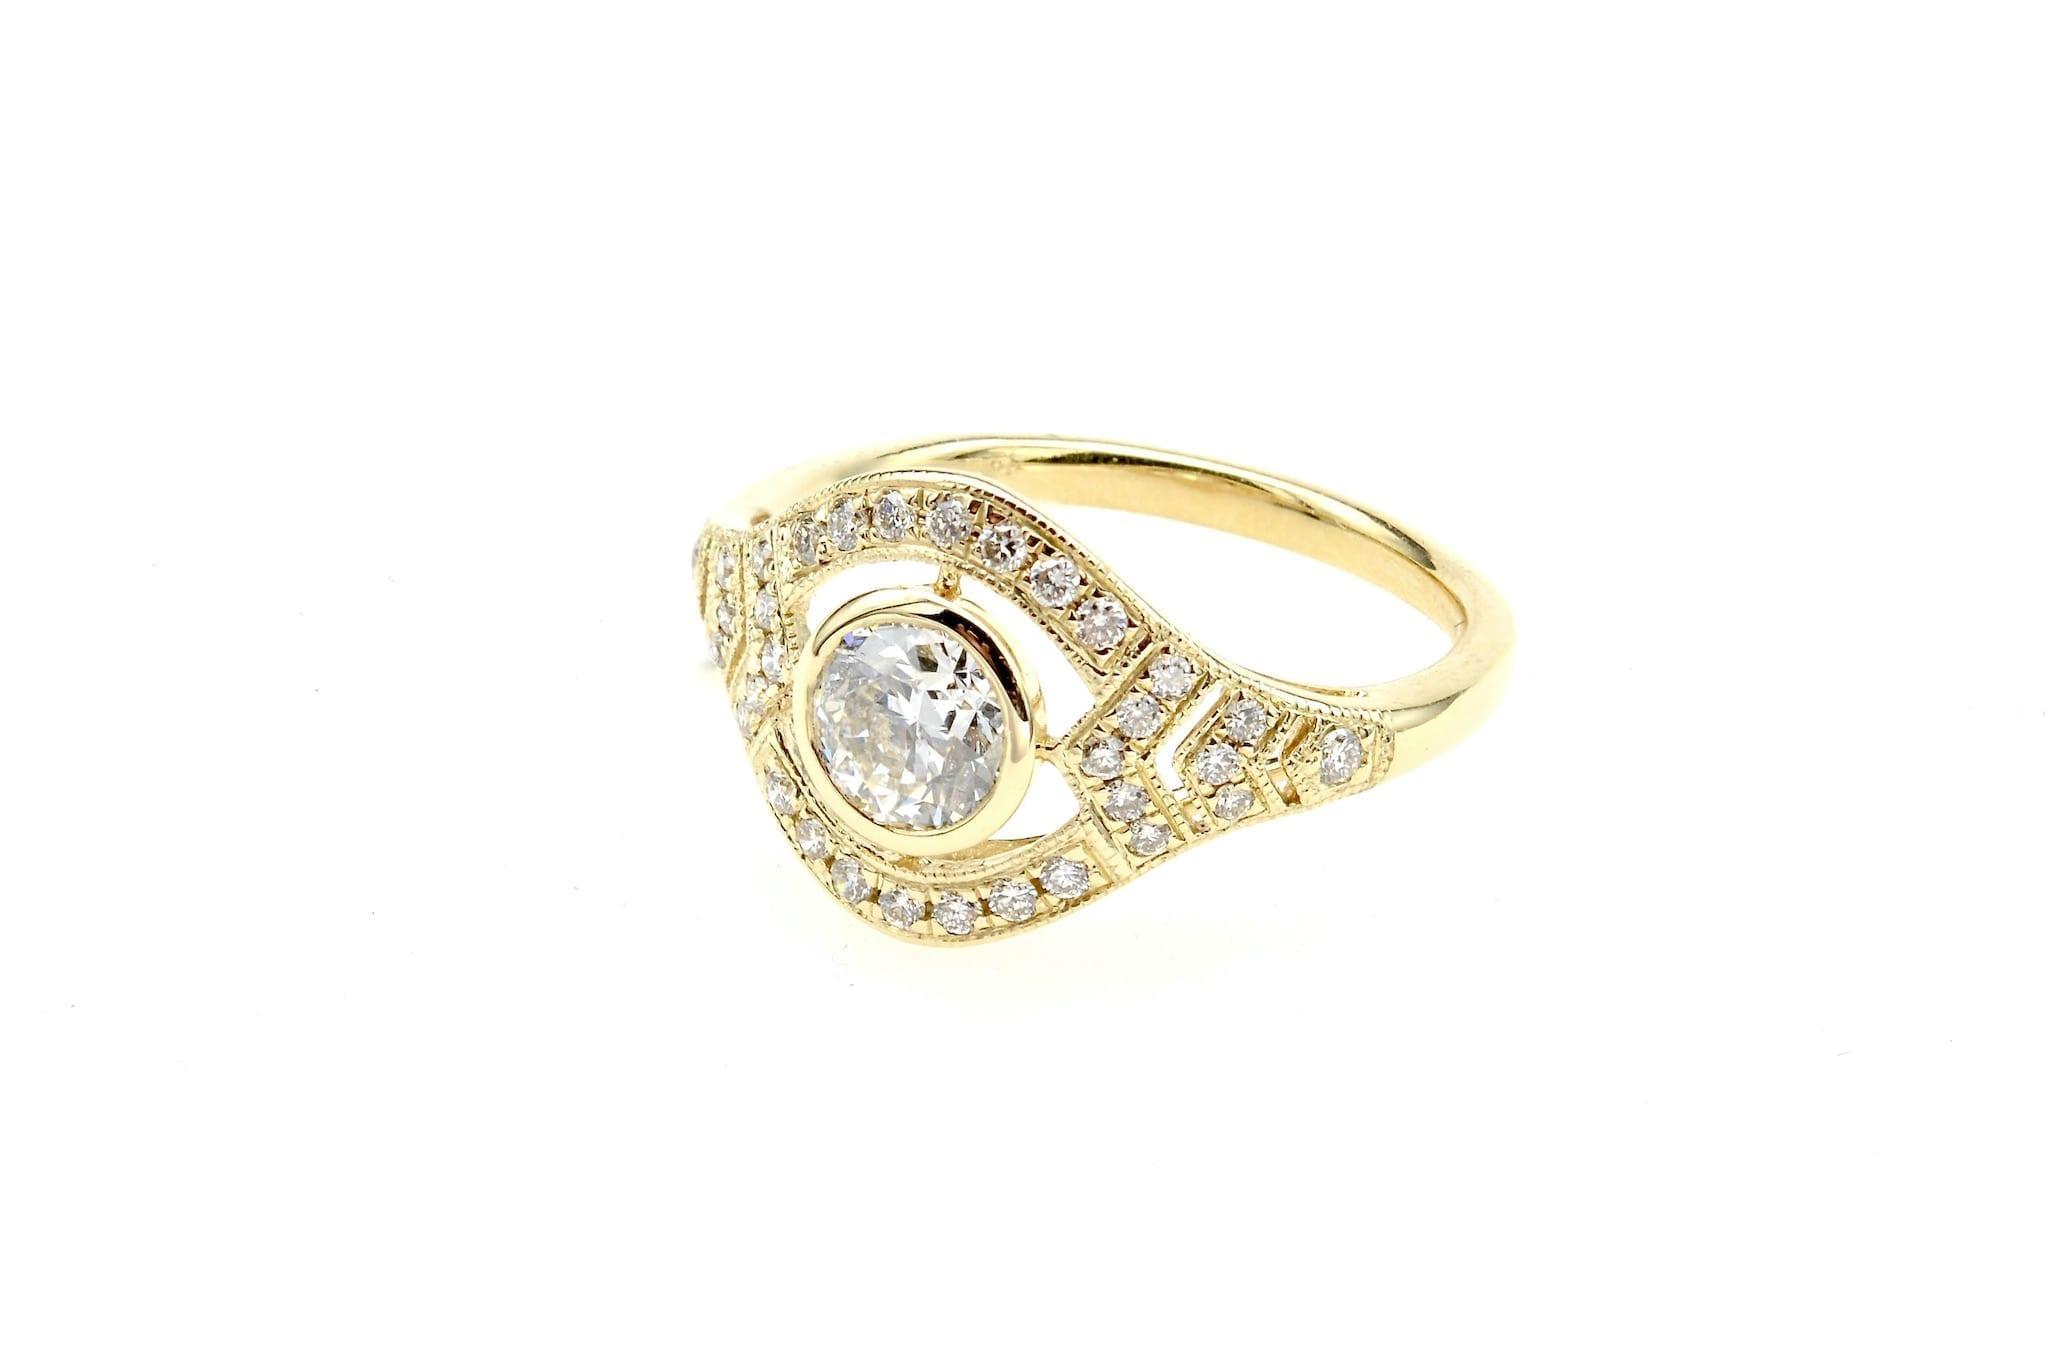 Bague diamant bandeau en or jaune 18k